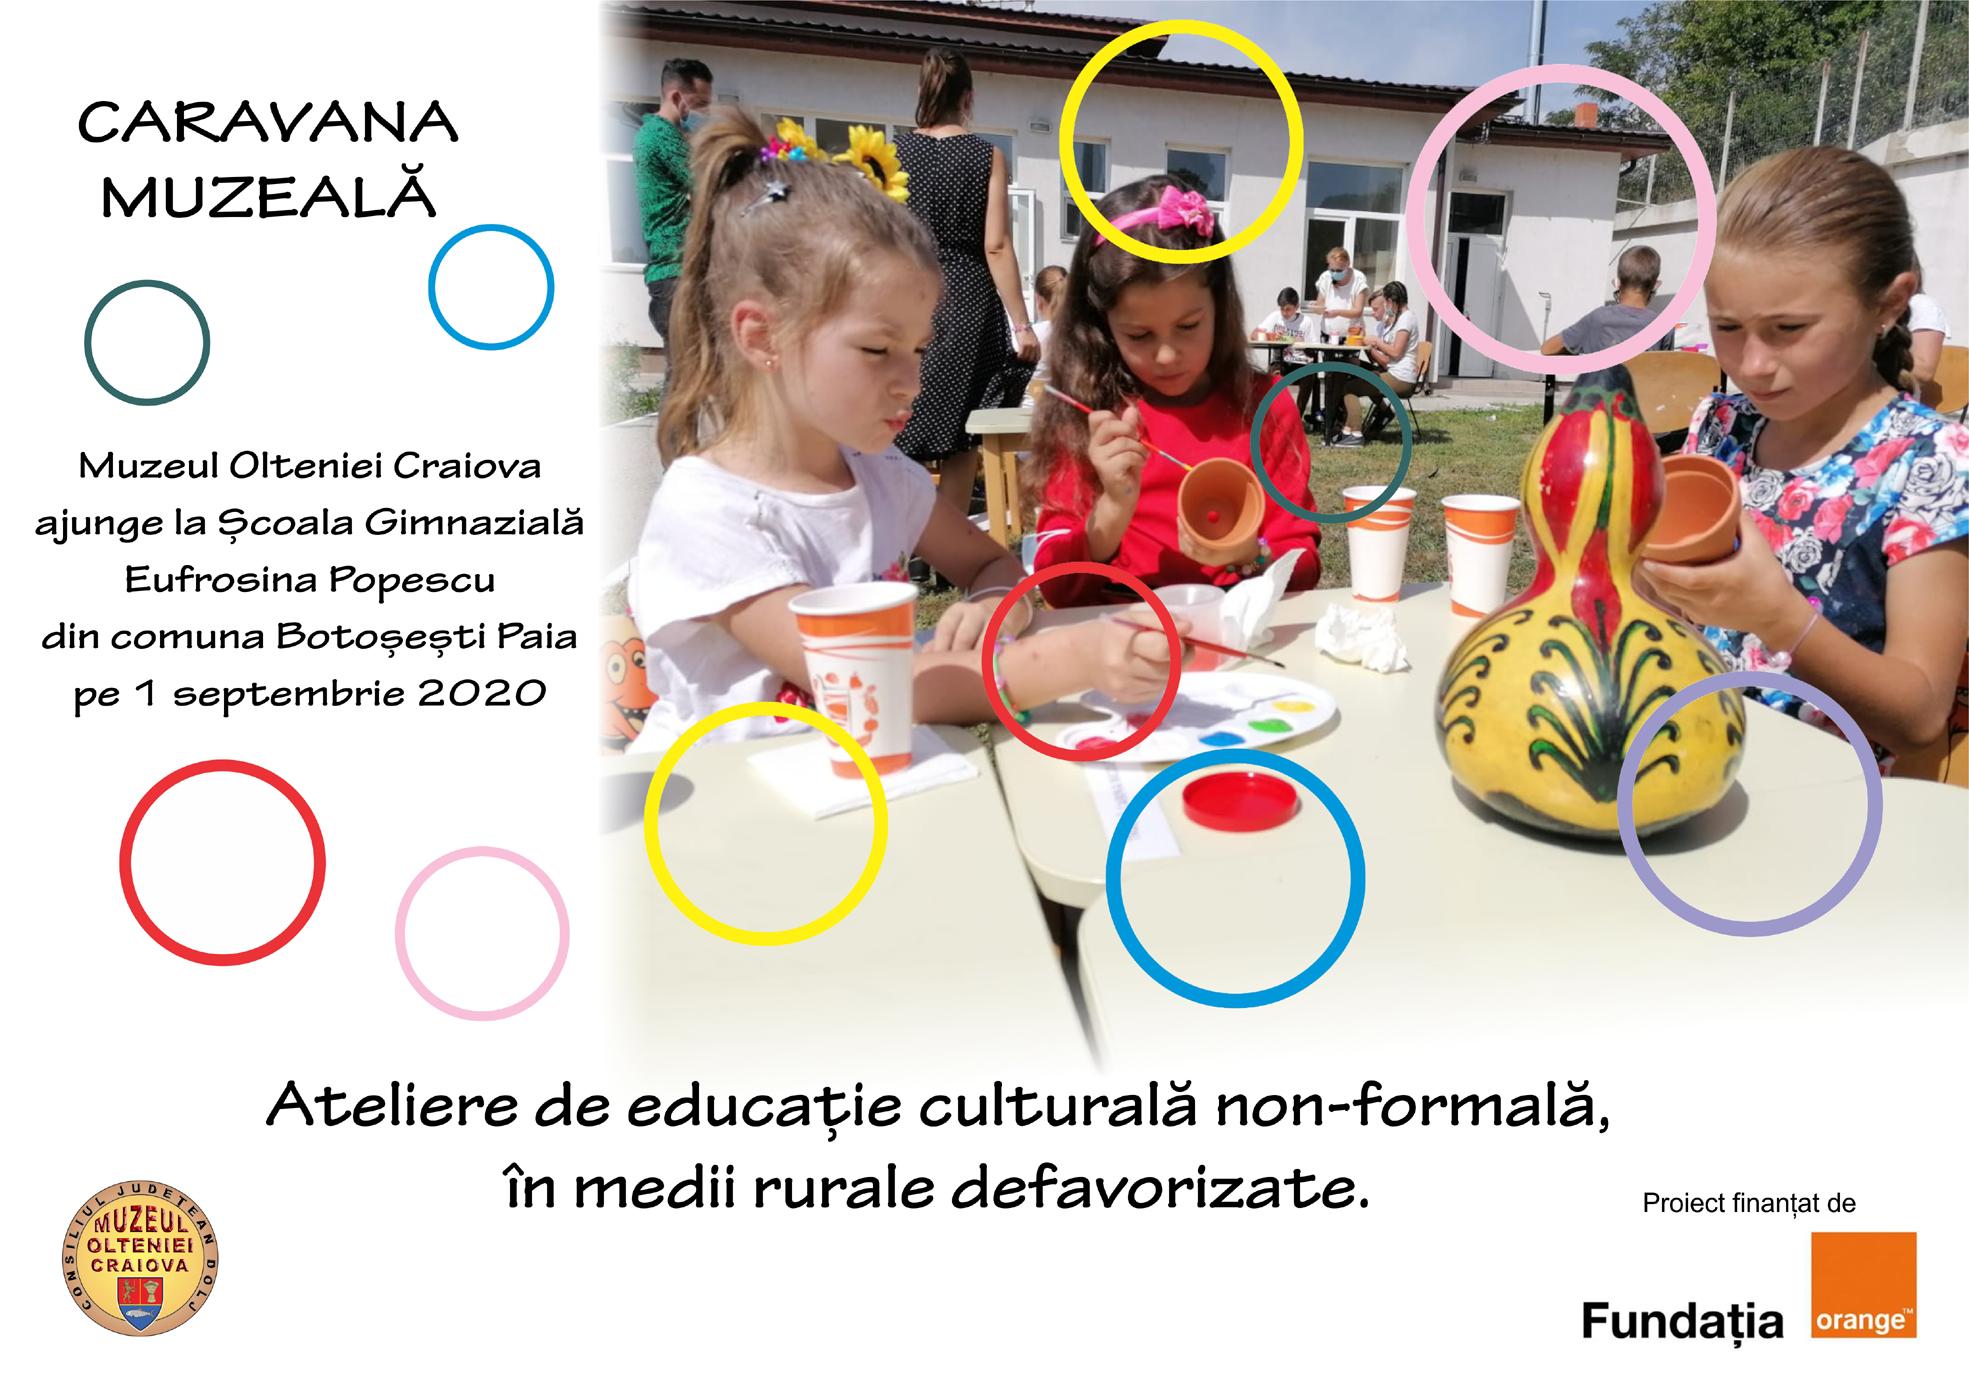 """Start """"Caravana Muzeală""""- elevi din 10 școli gimnaziale din jud. Dolj vor beneficia gratuit de ateliere cultural-educative"""